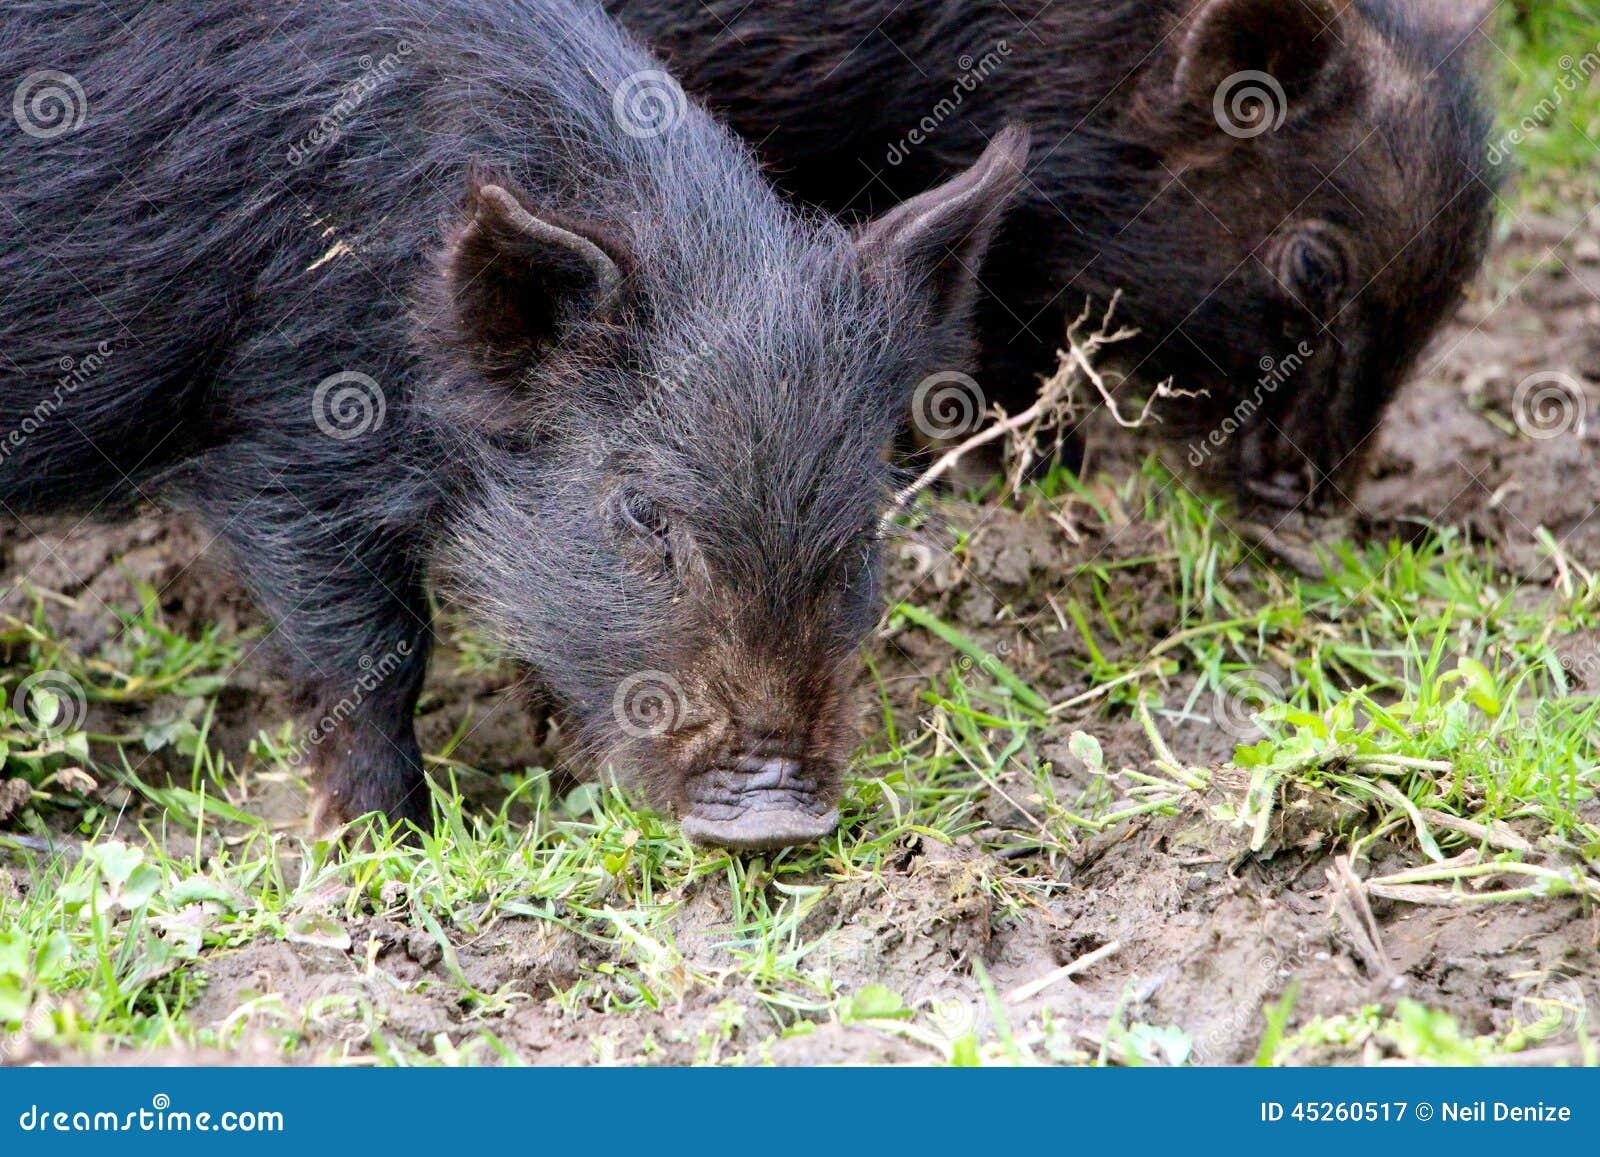 Cute Little baby piglets